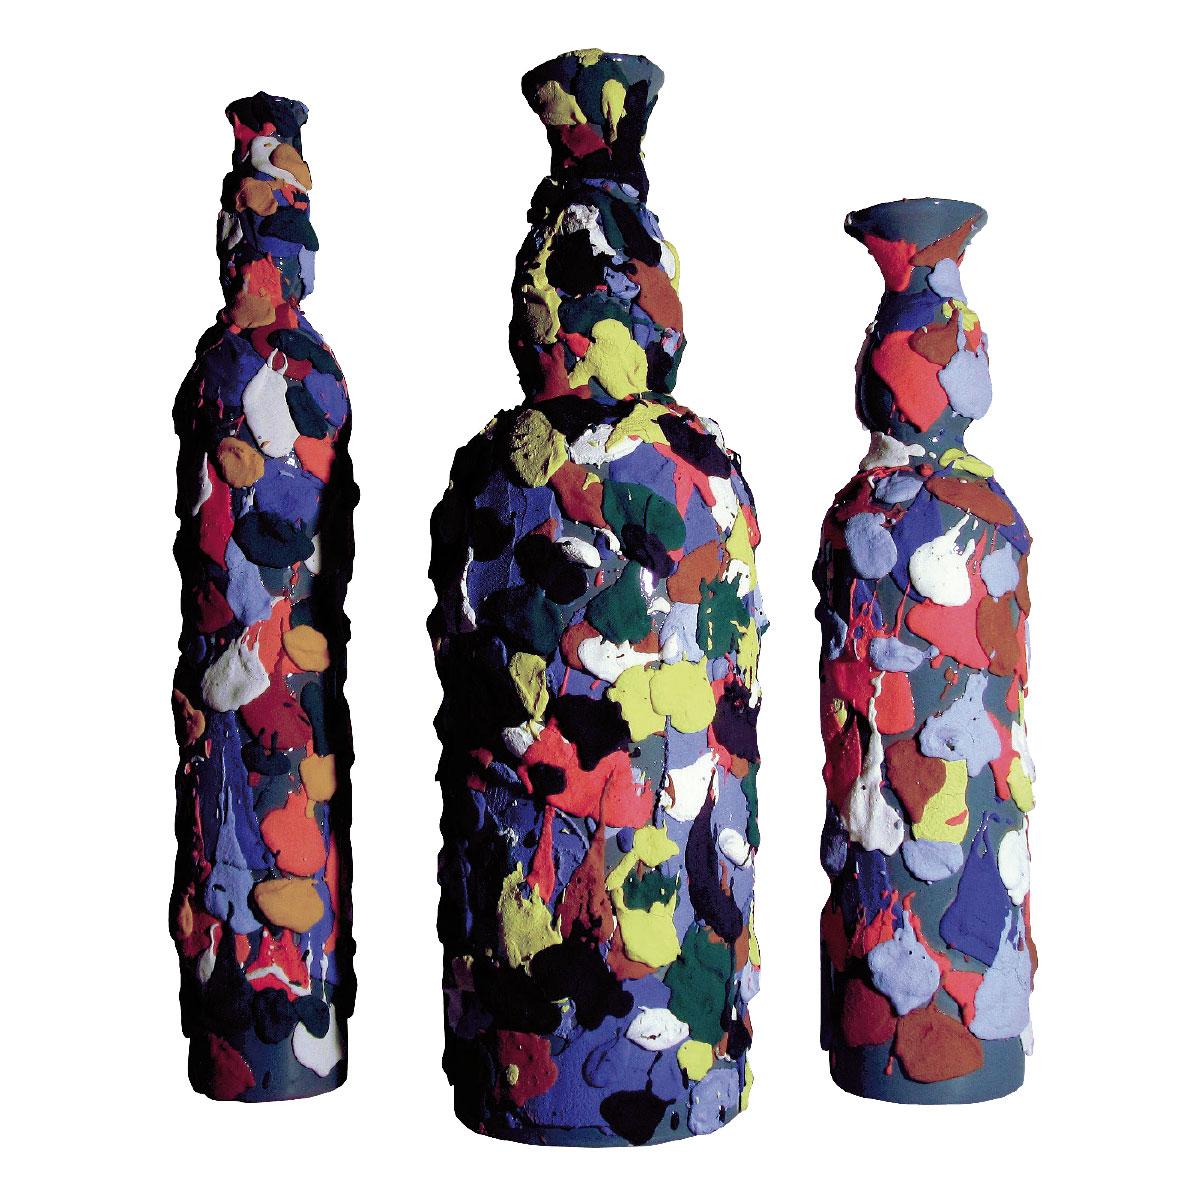 L'opera dell'artista Angelo Maria Celeste acquisita dal Museo a cielo aperto di Denice, dedicato alla ceramica contemporanea